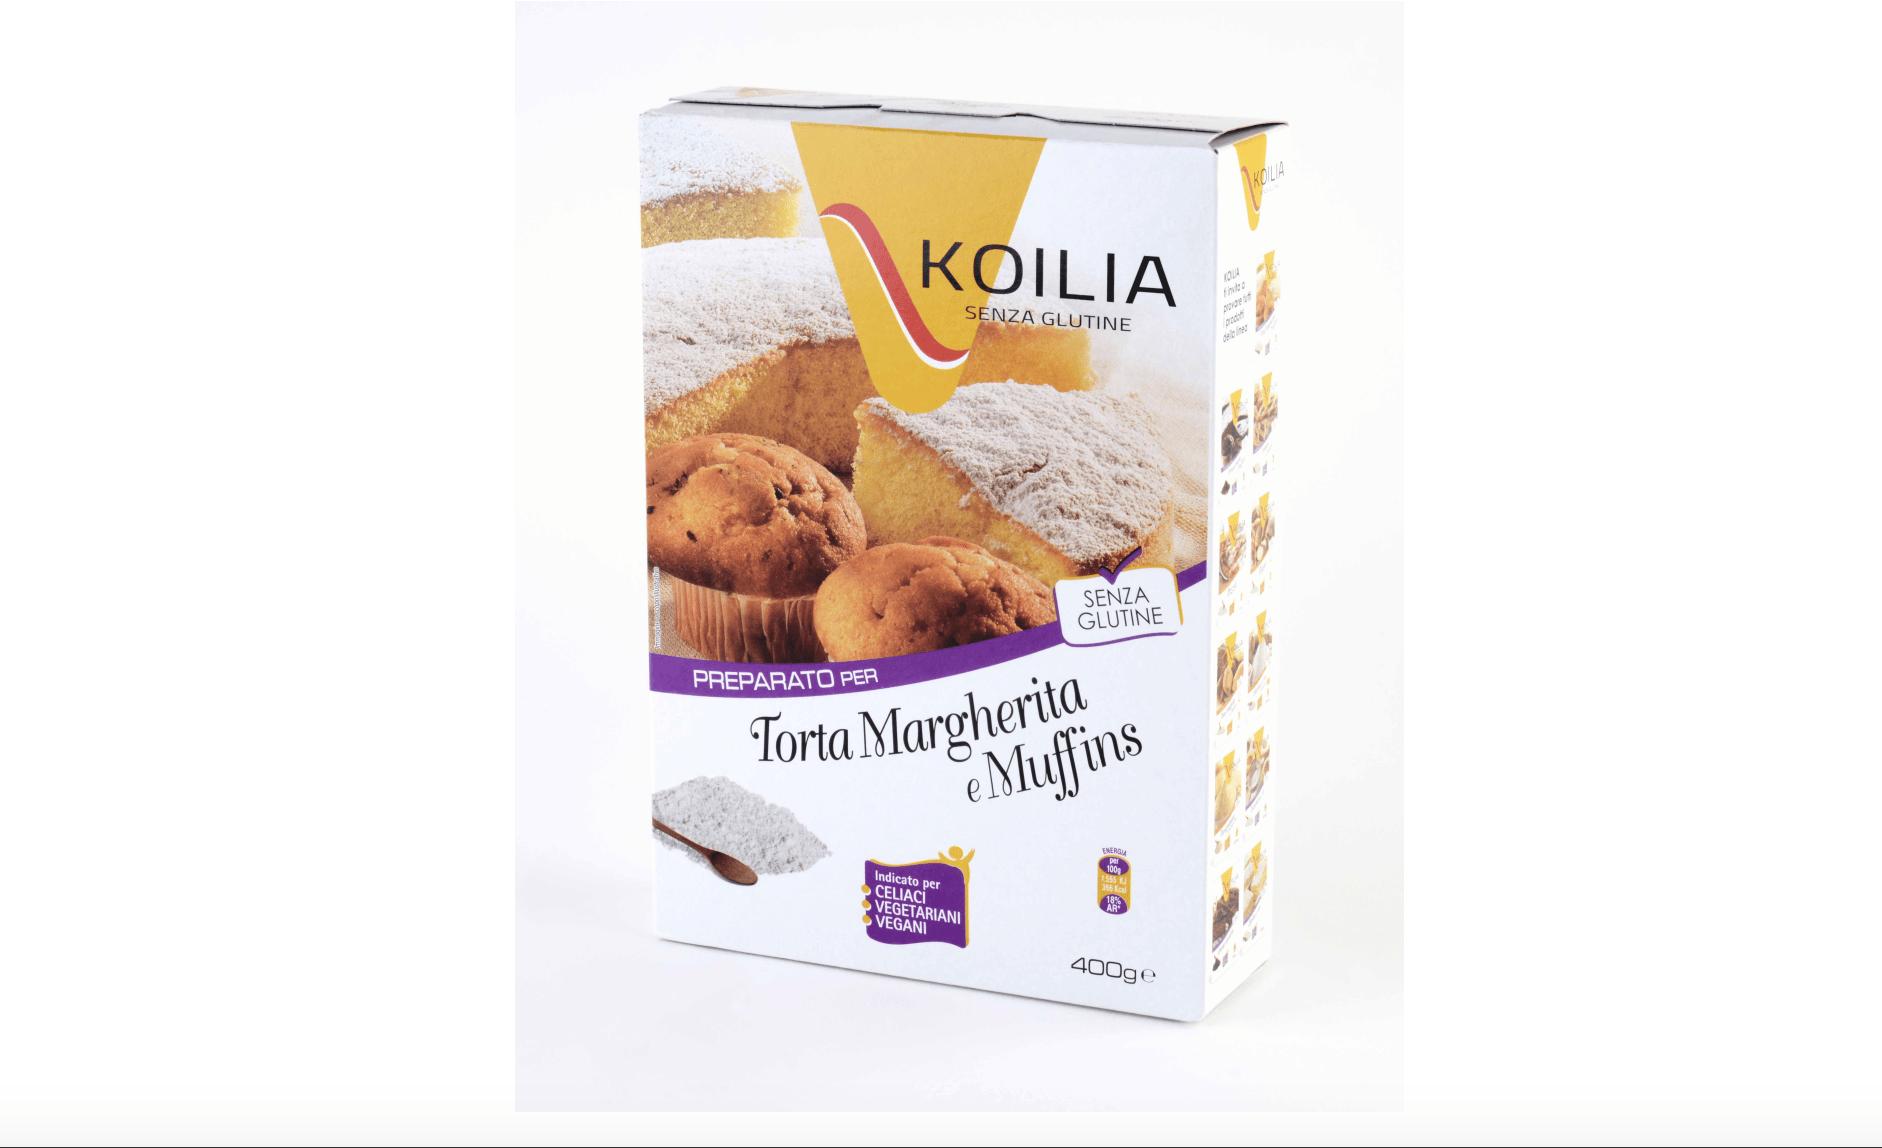 Preparato per torta margherita e muffins ritirato dal mercato: presenza di allergeni